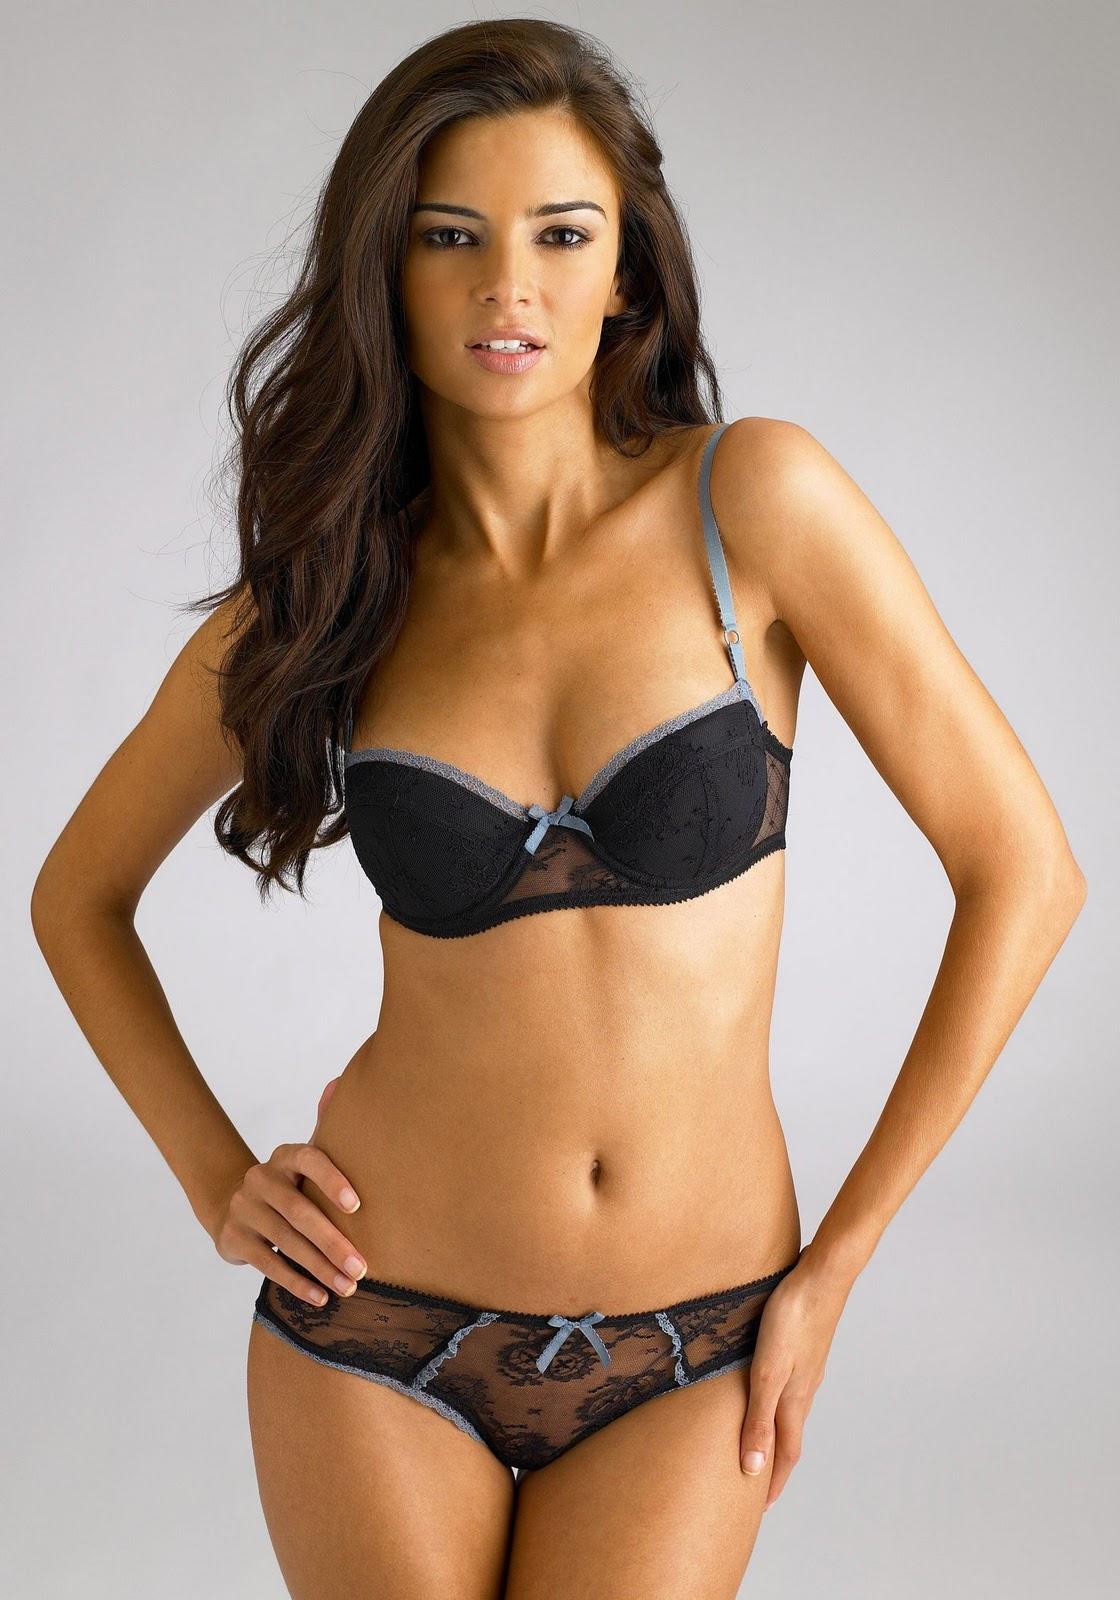 http://3.bp.blogspot.com/-QadYY25Zv3Q/ToCe1NZMveI/AAAAAAAAEMM/UWdaUr8emis/s1600/Jennifer+Lamiraqui+3.jpg